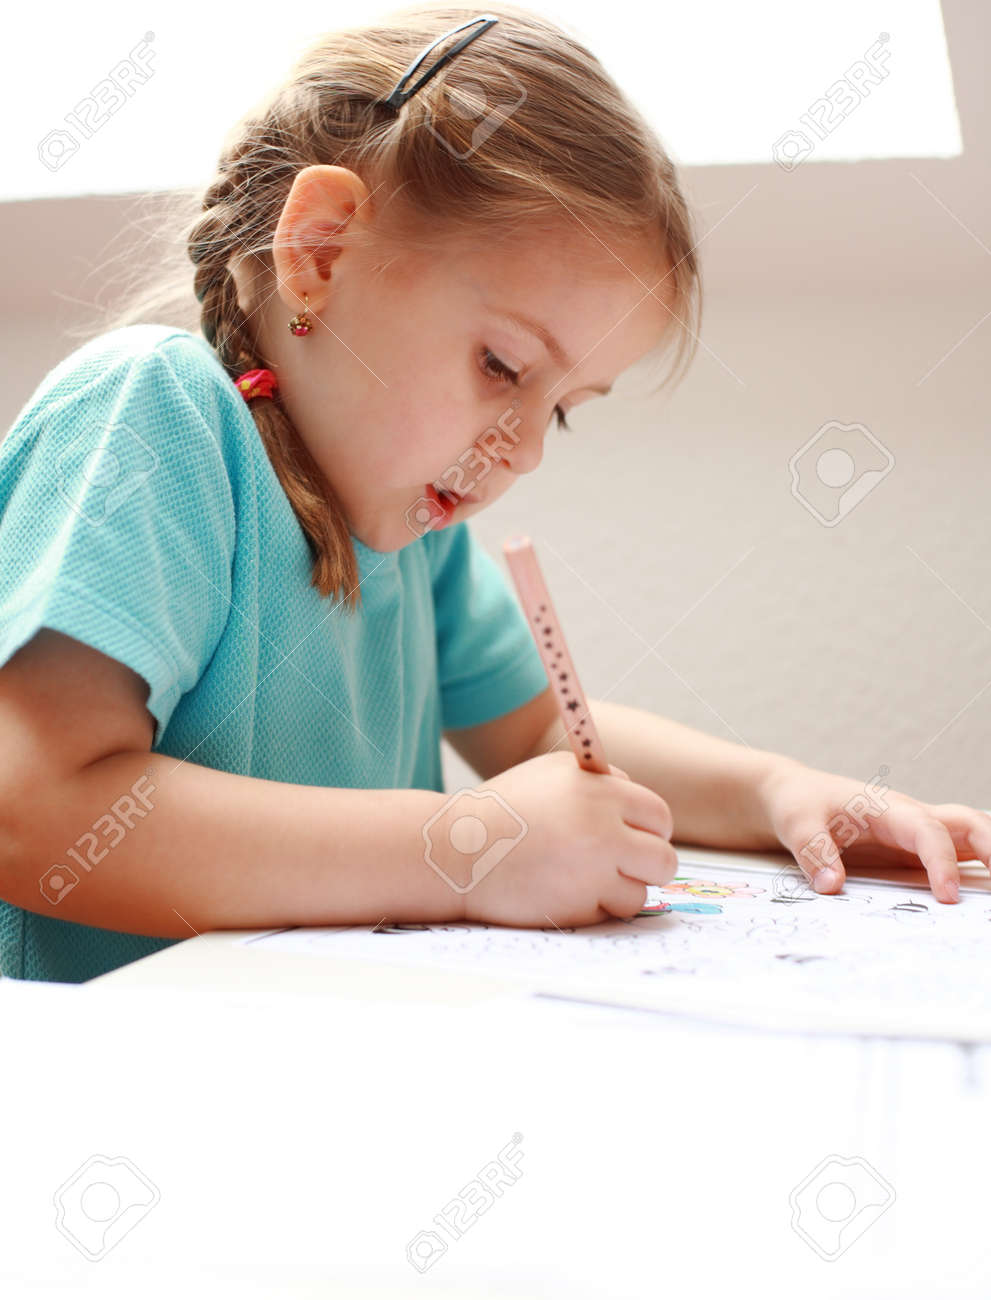 Cute niña pintura en su casa Foto de archivo - 4487932